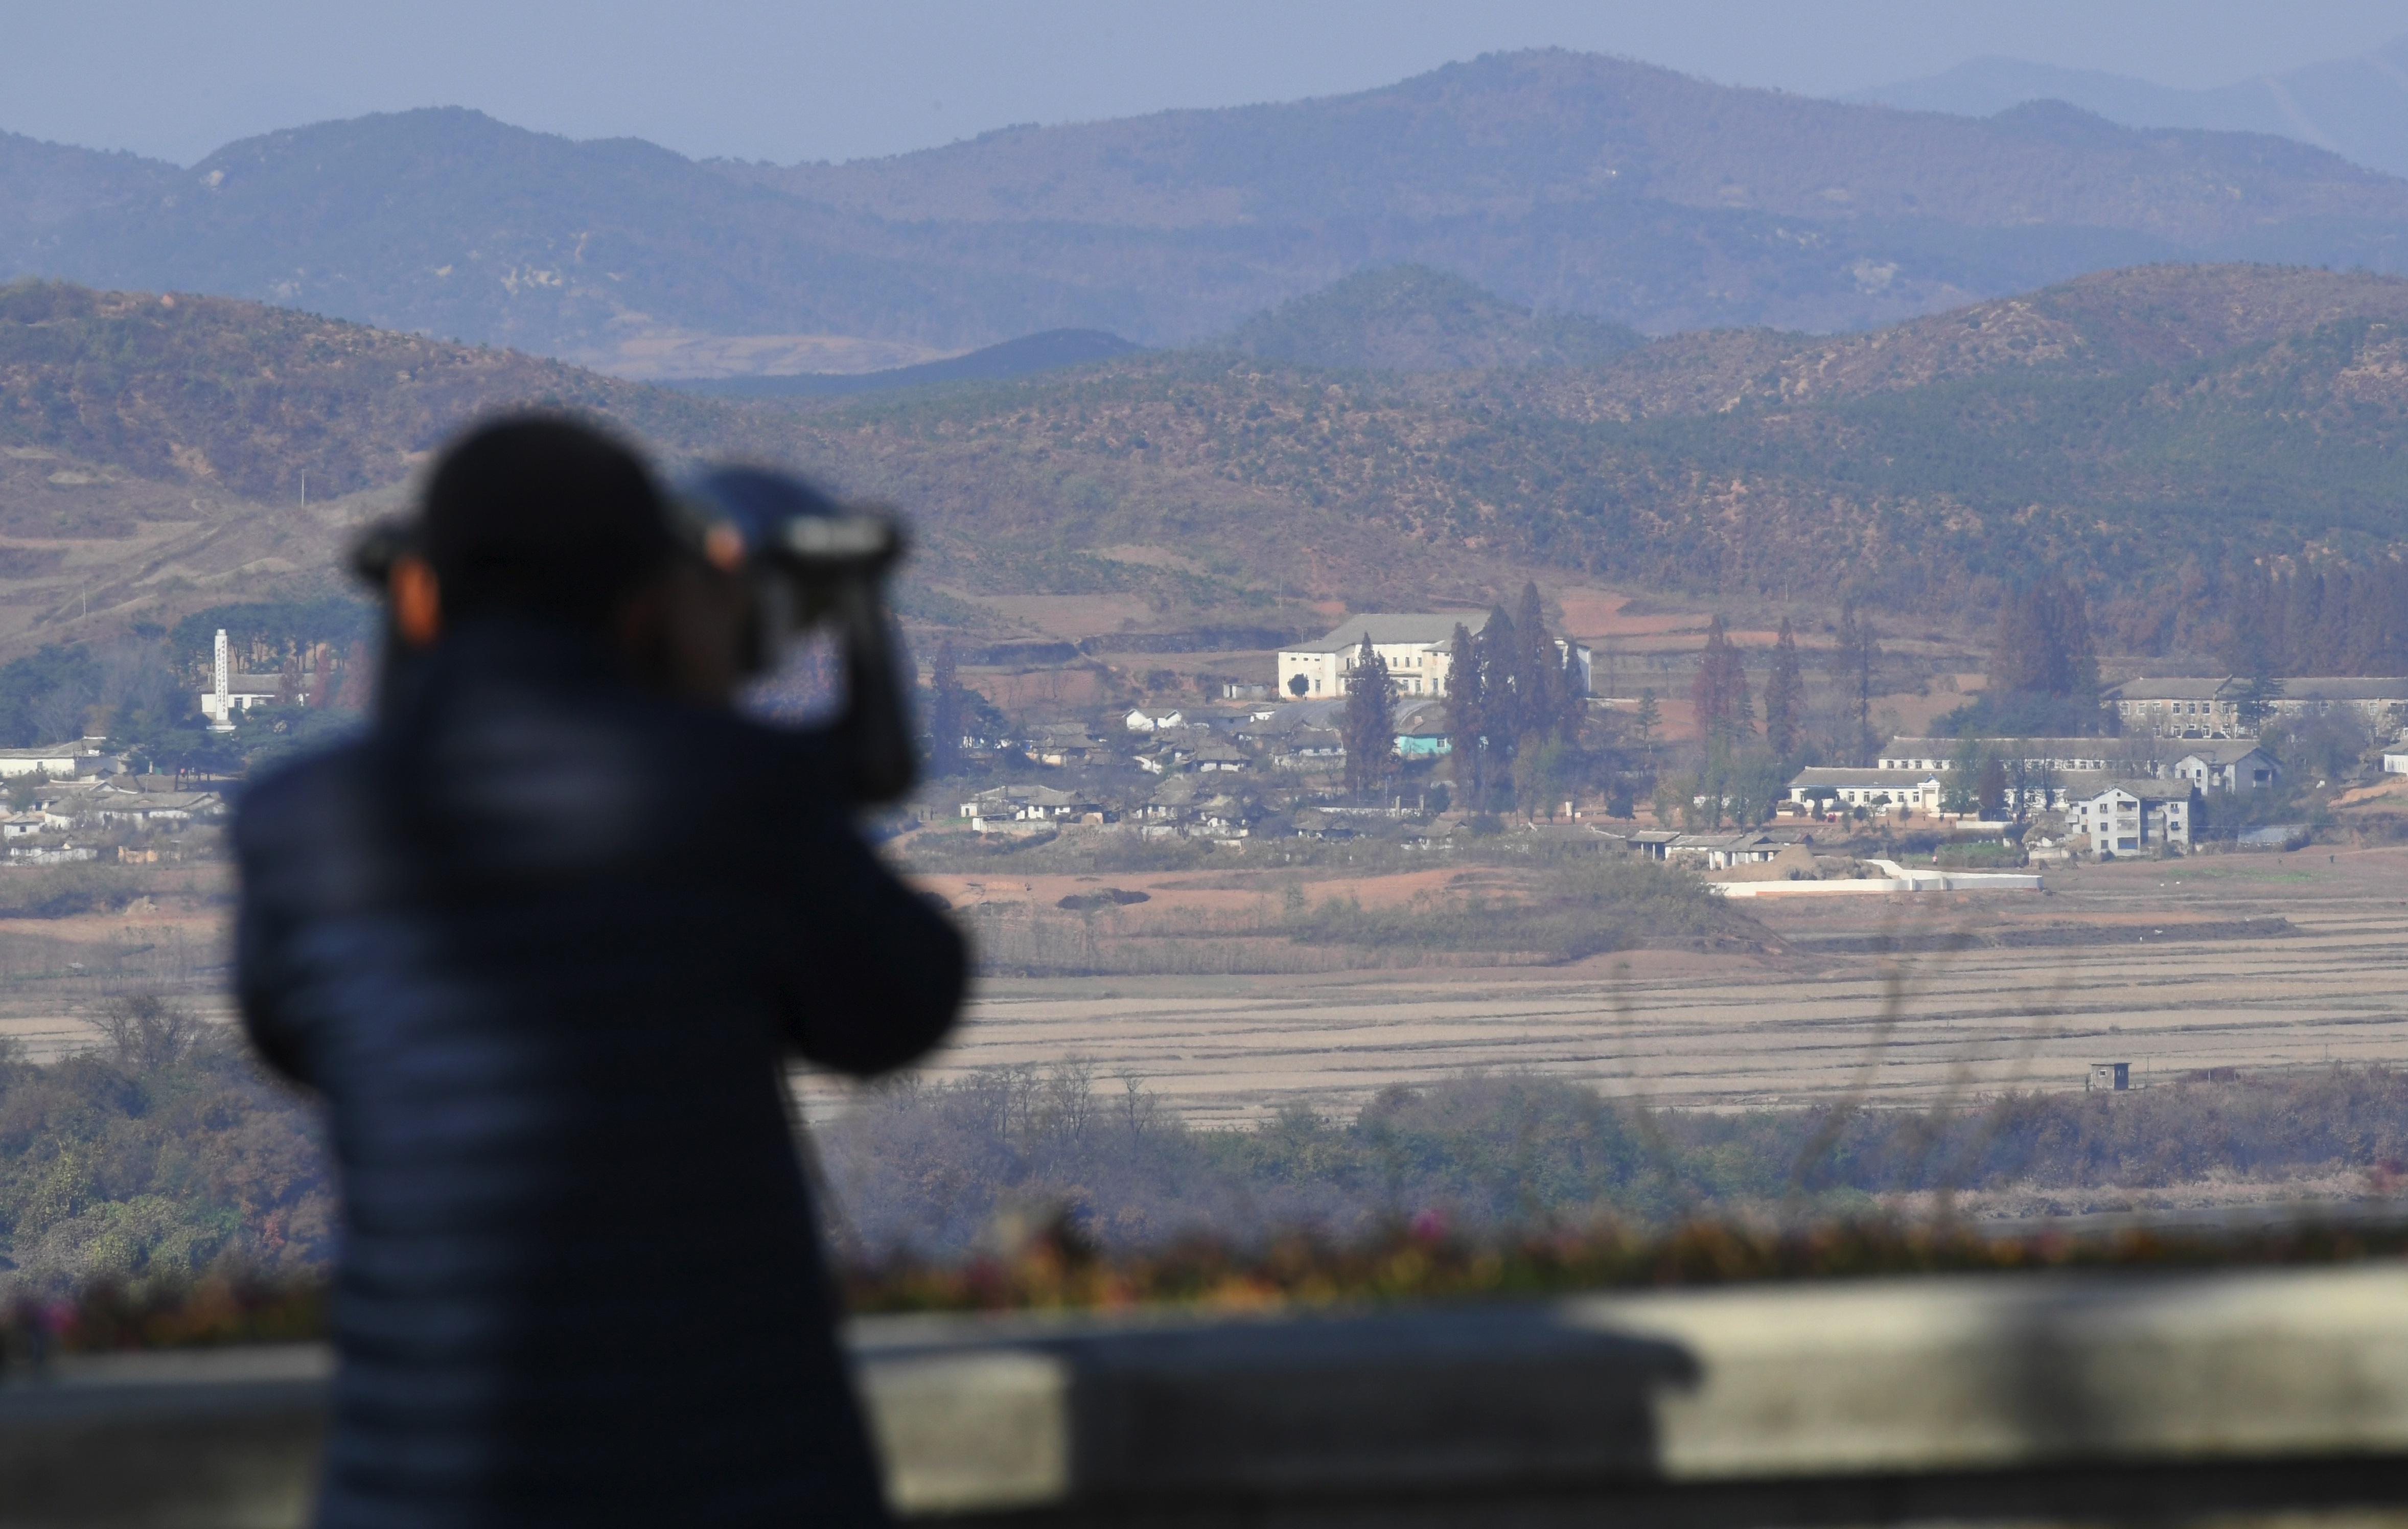 امرأة من كوريا الجنوبية تنظر إلى منطقة حدودية مع كوريا الشمالية